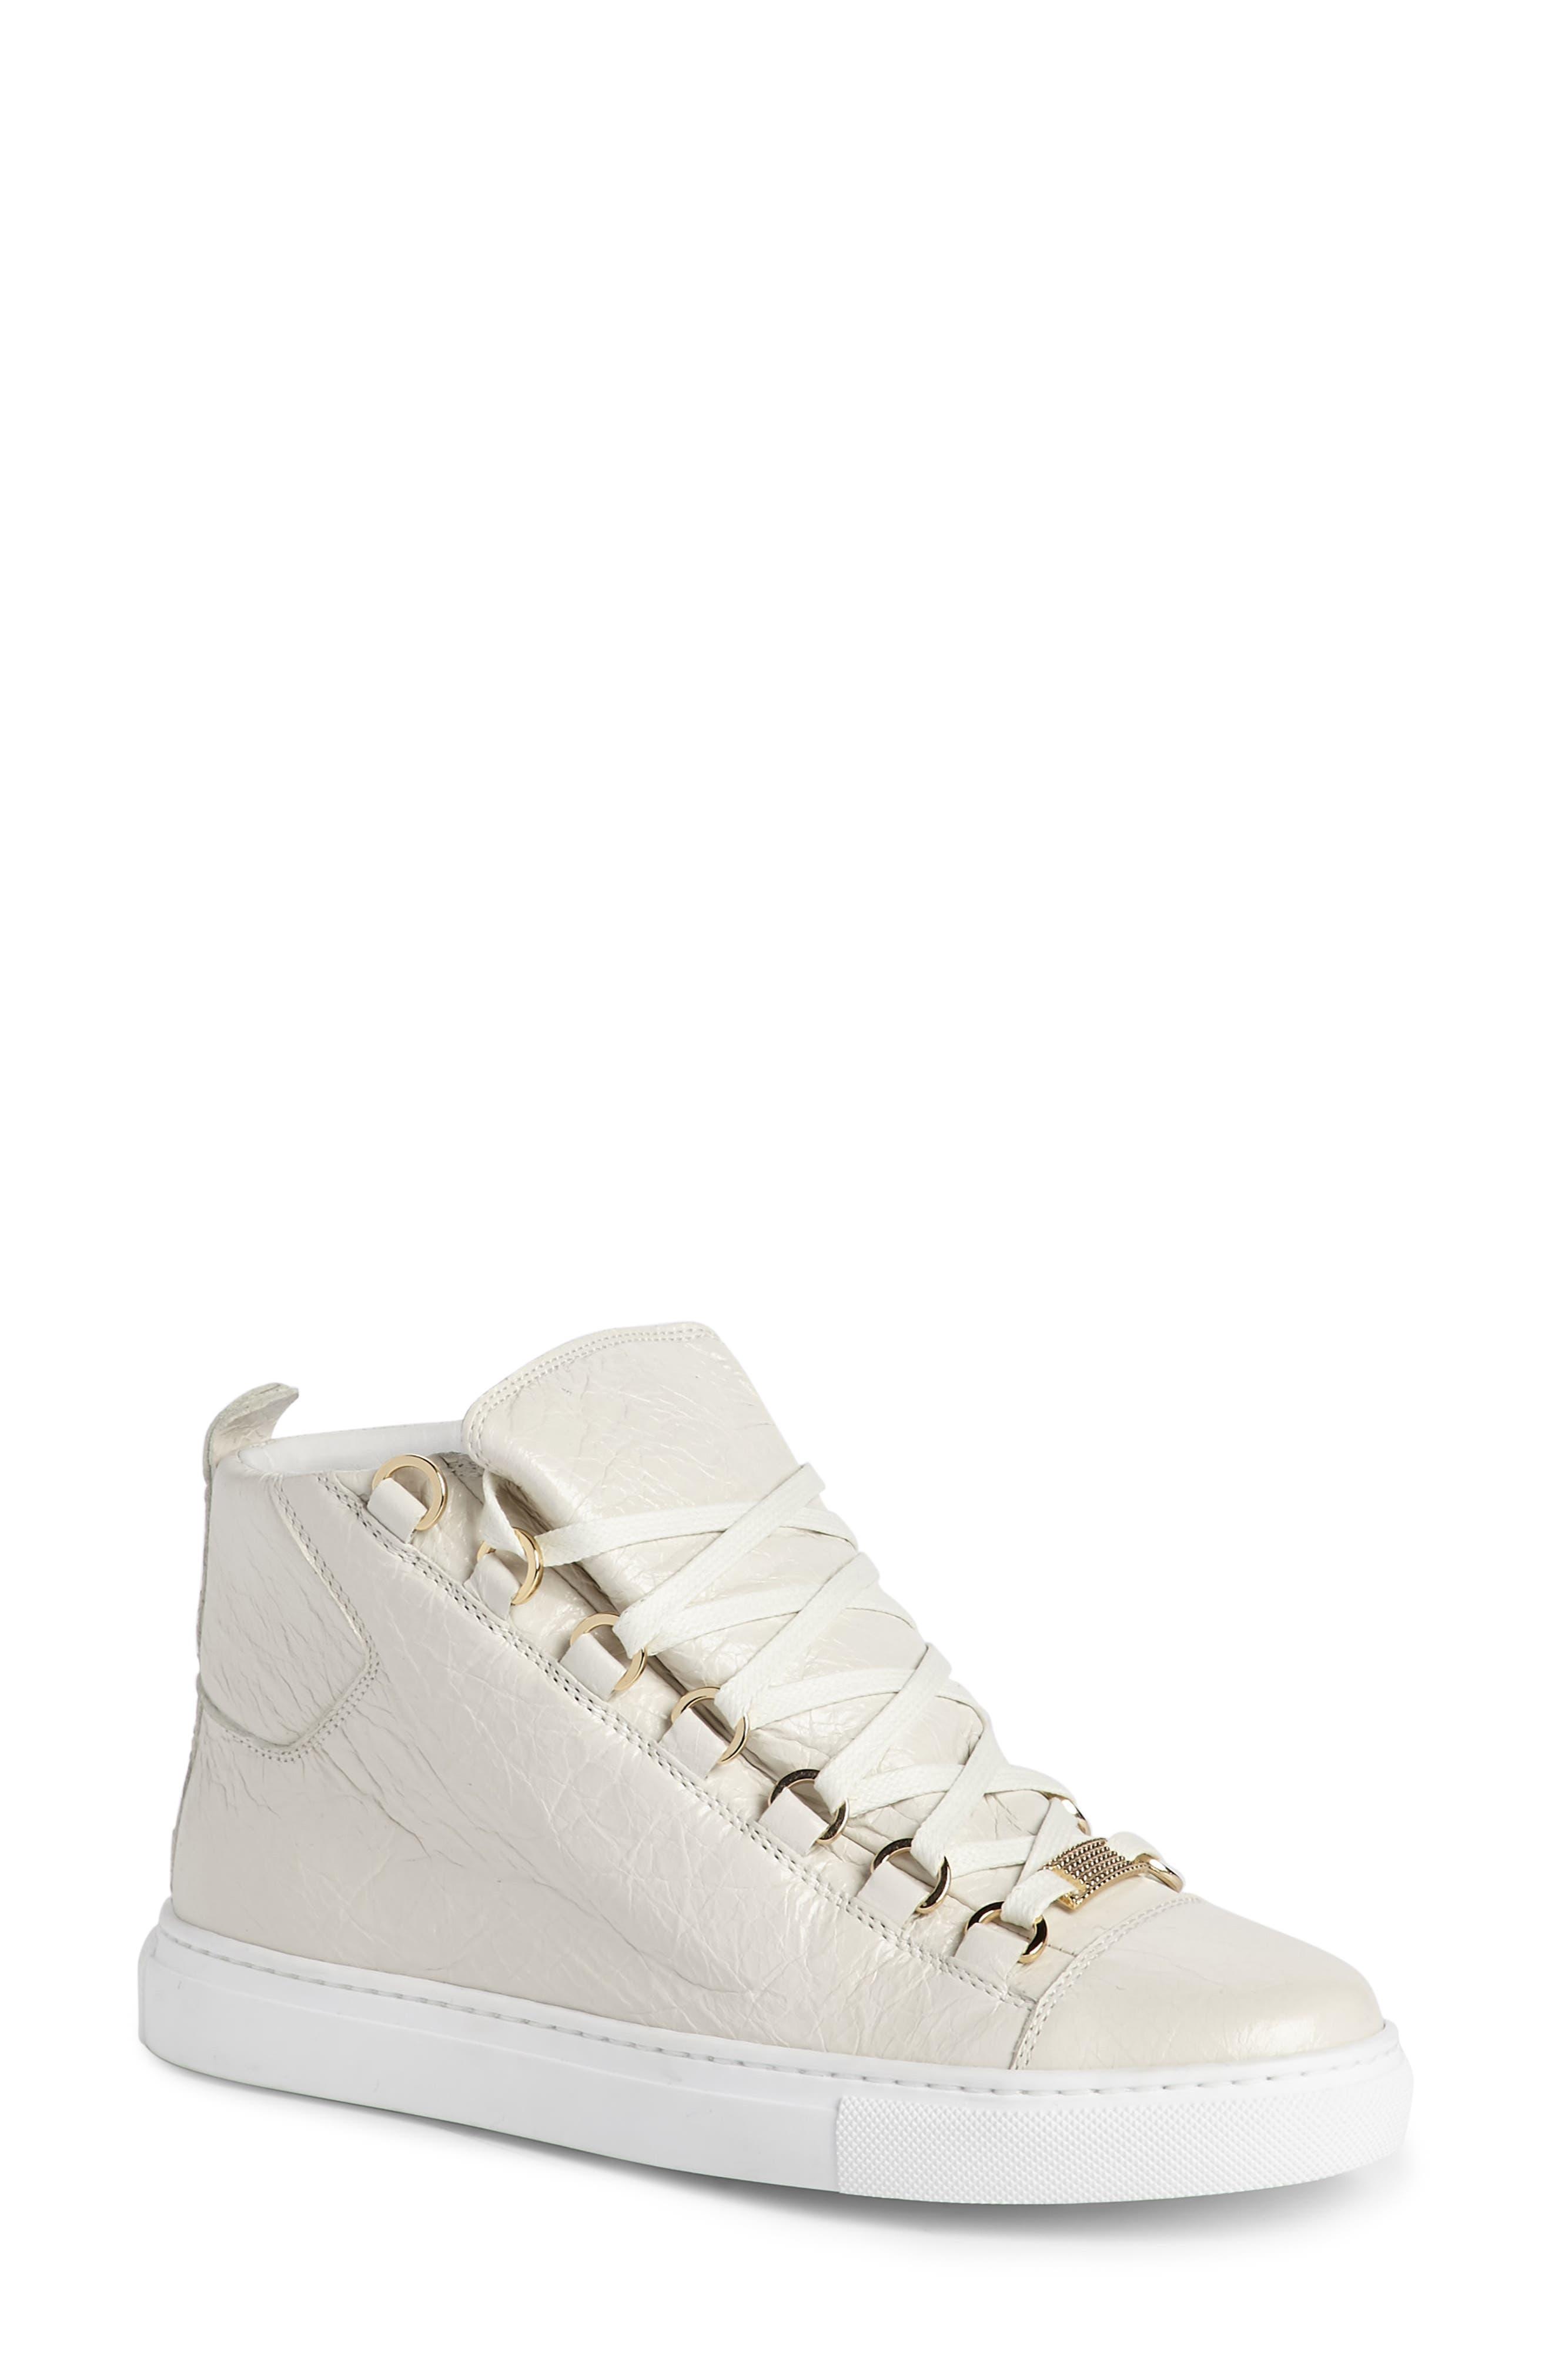 Balenciaga High Top Sneaker (Women)